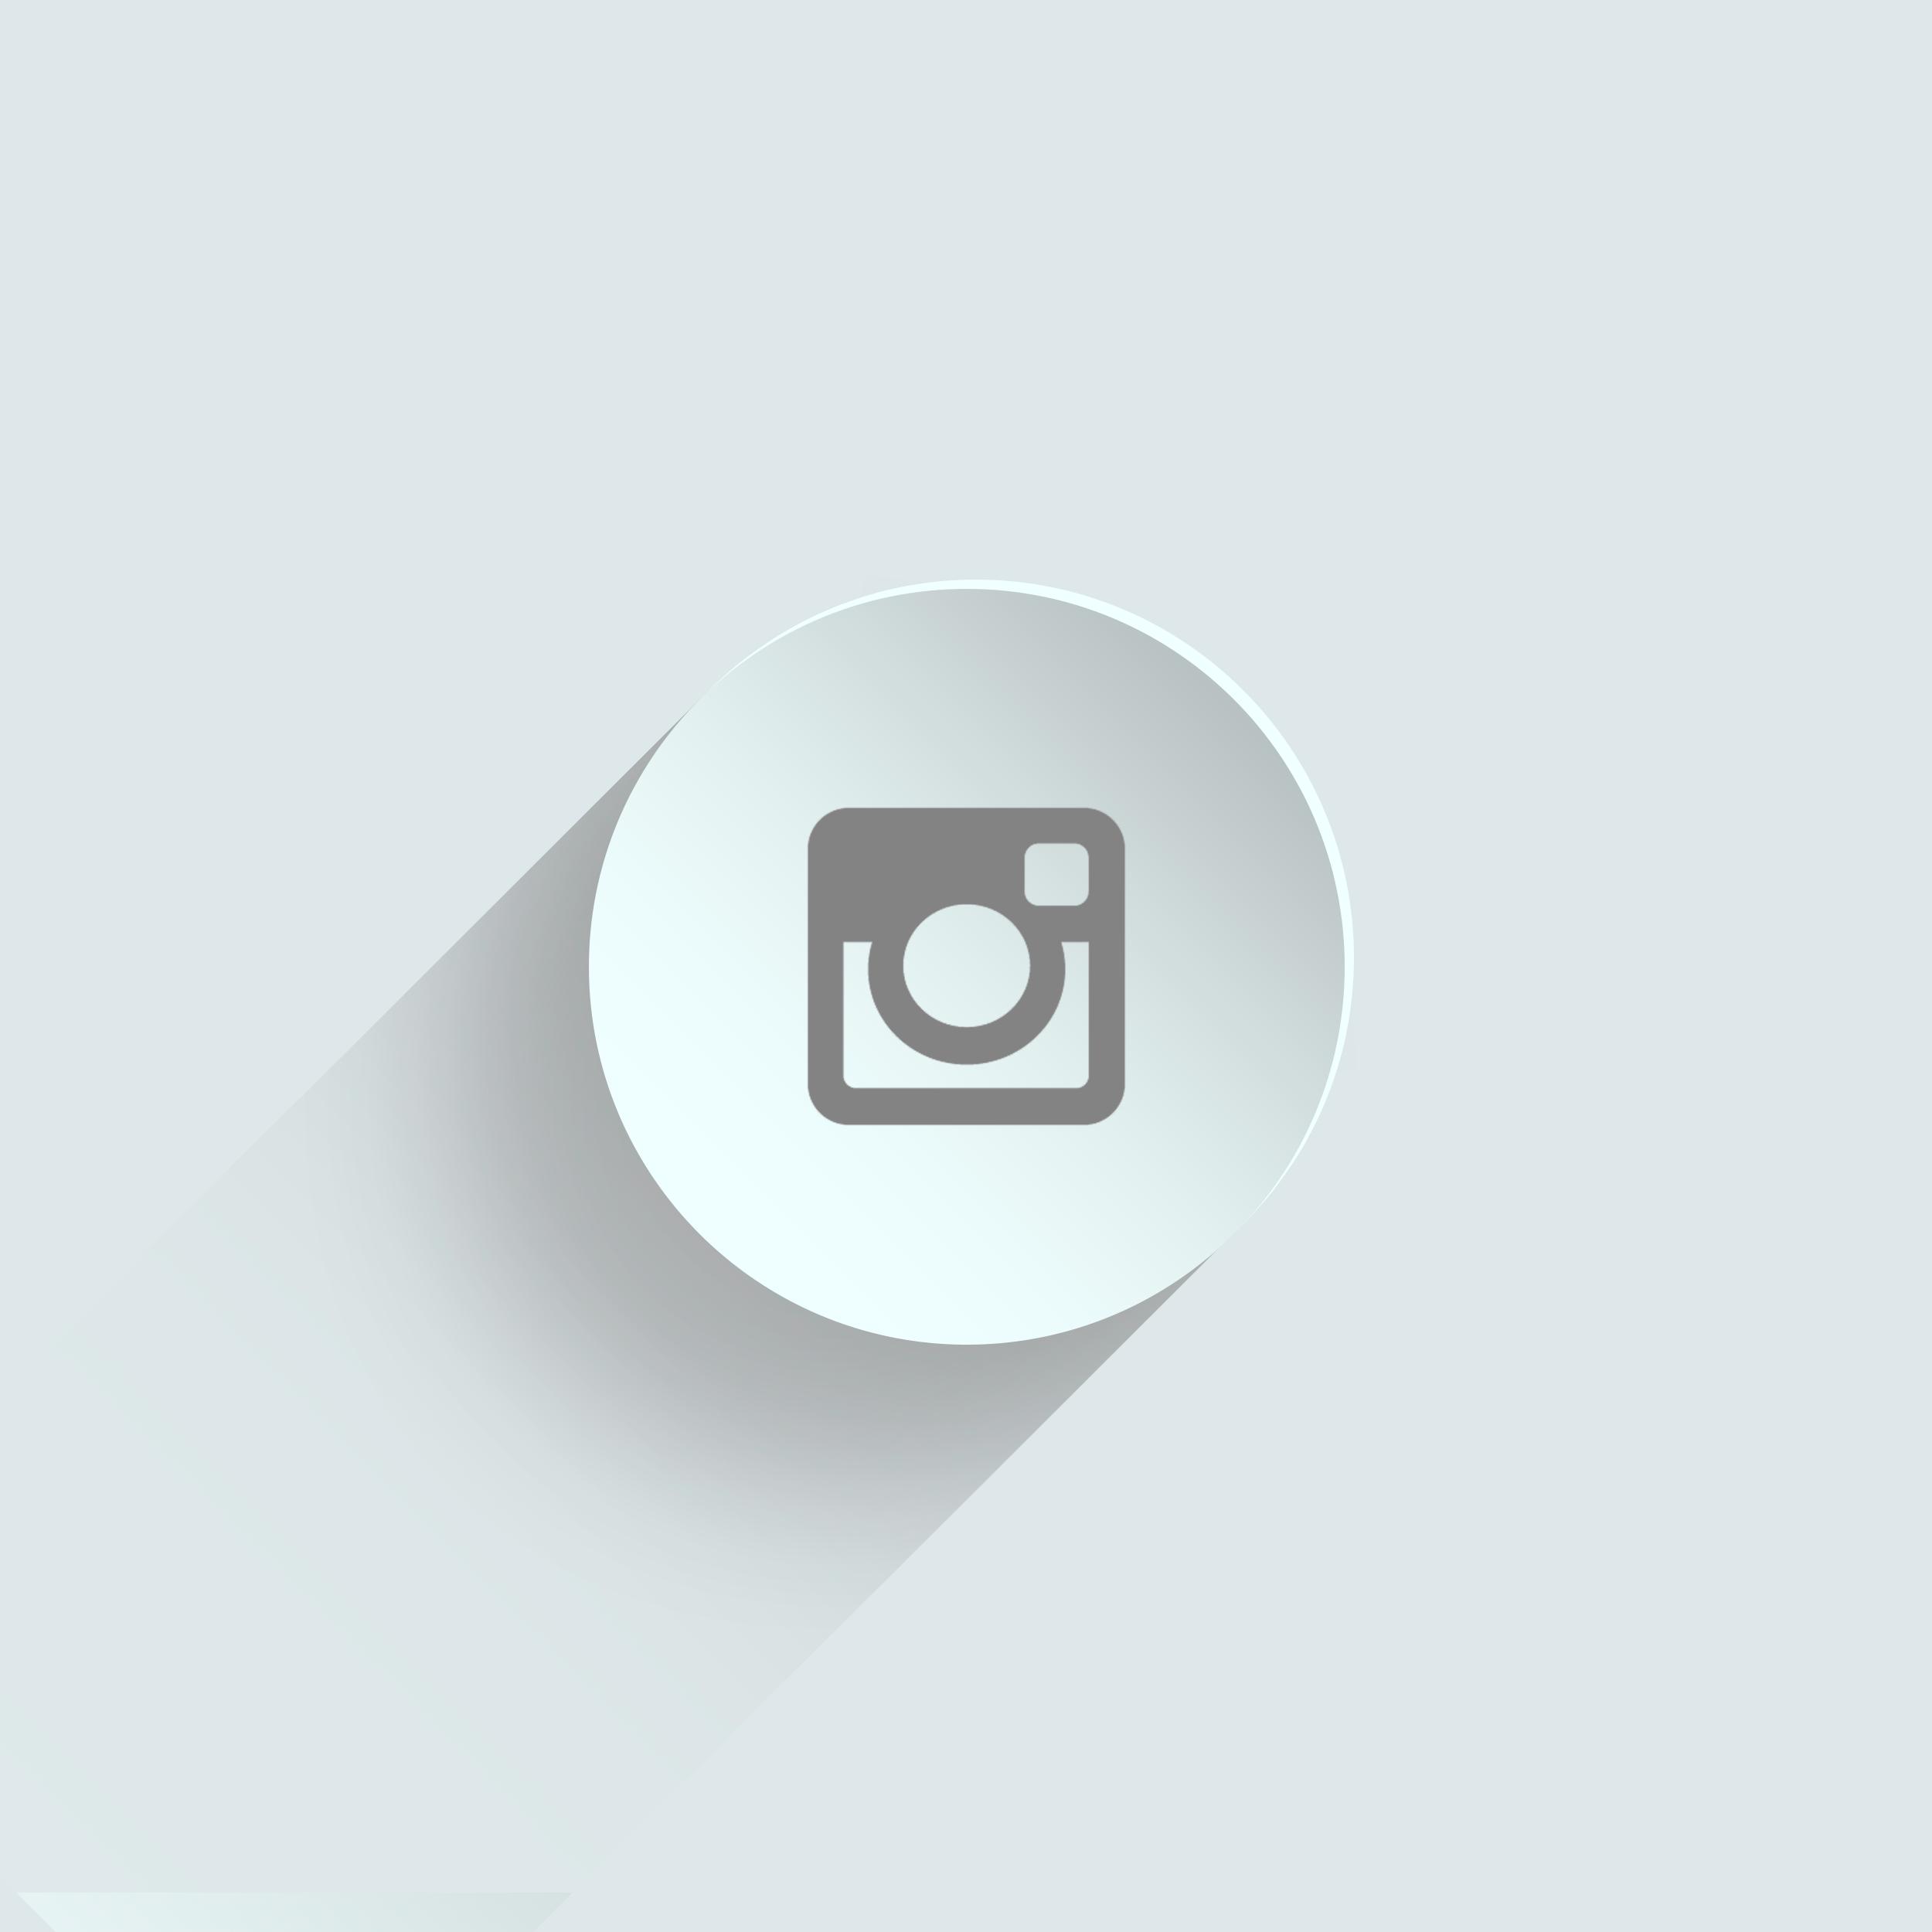 Einfache  Webcam , wenn Sie eine Bildübertragung wünschen